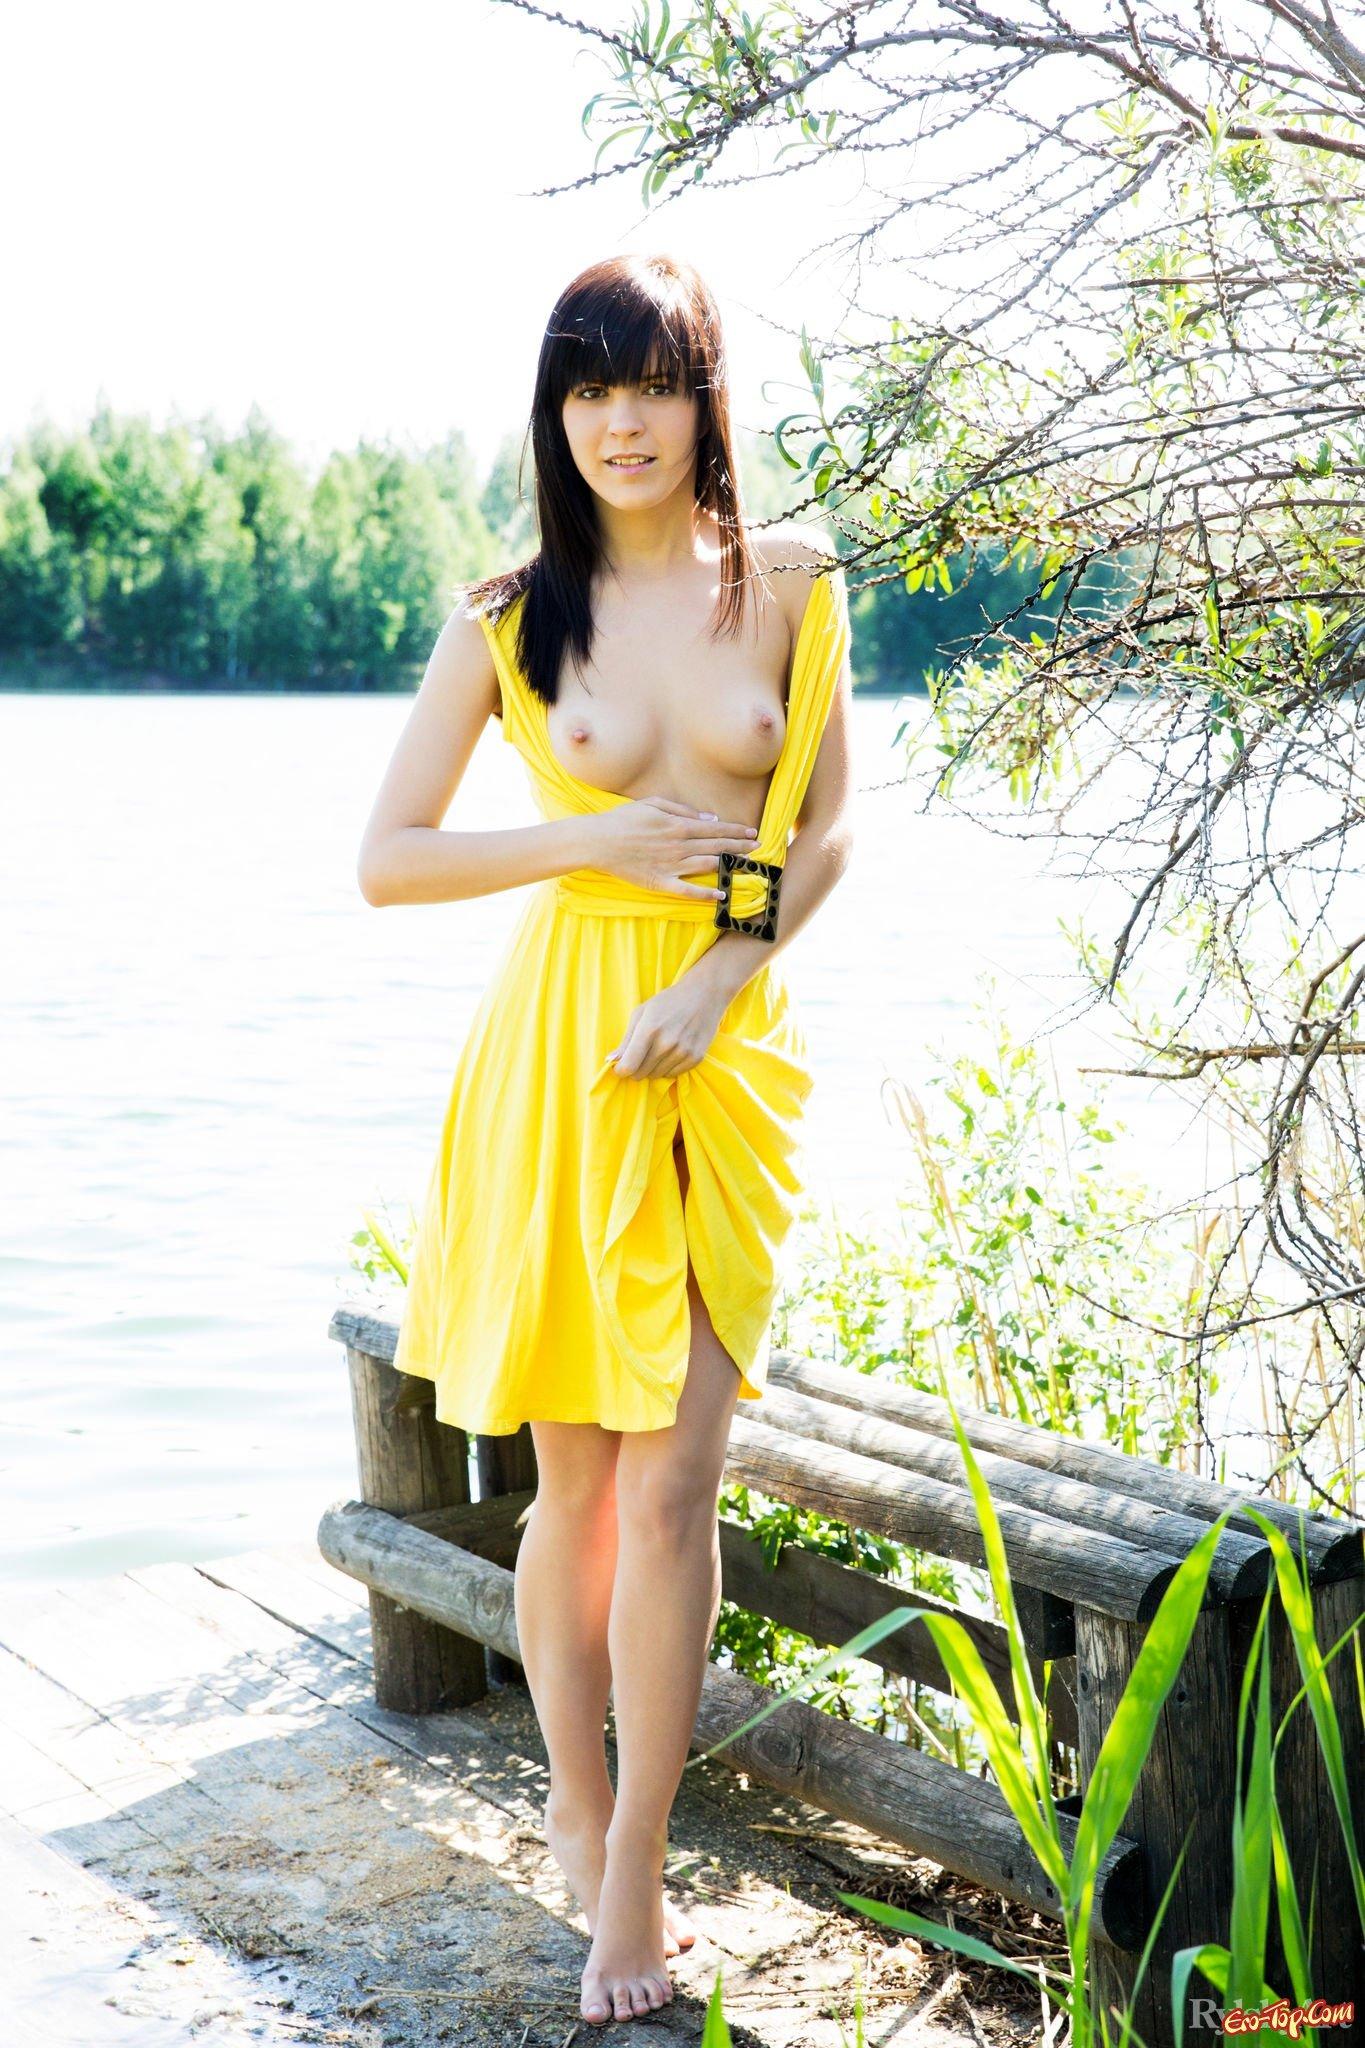 Поднимает платье показывая киску и грудь